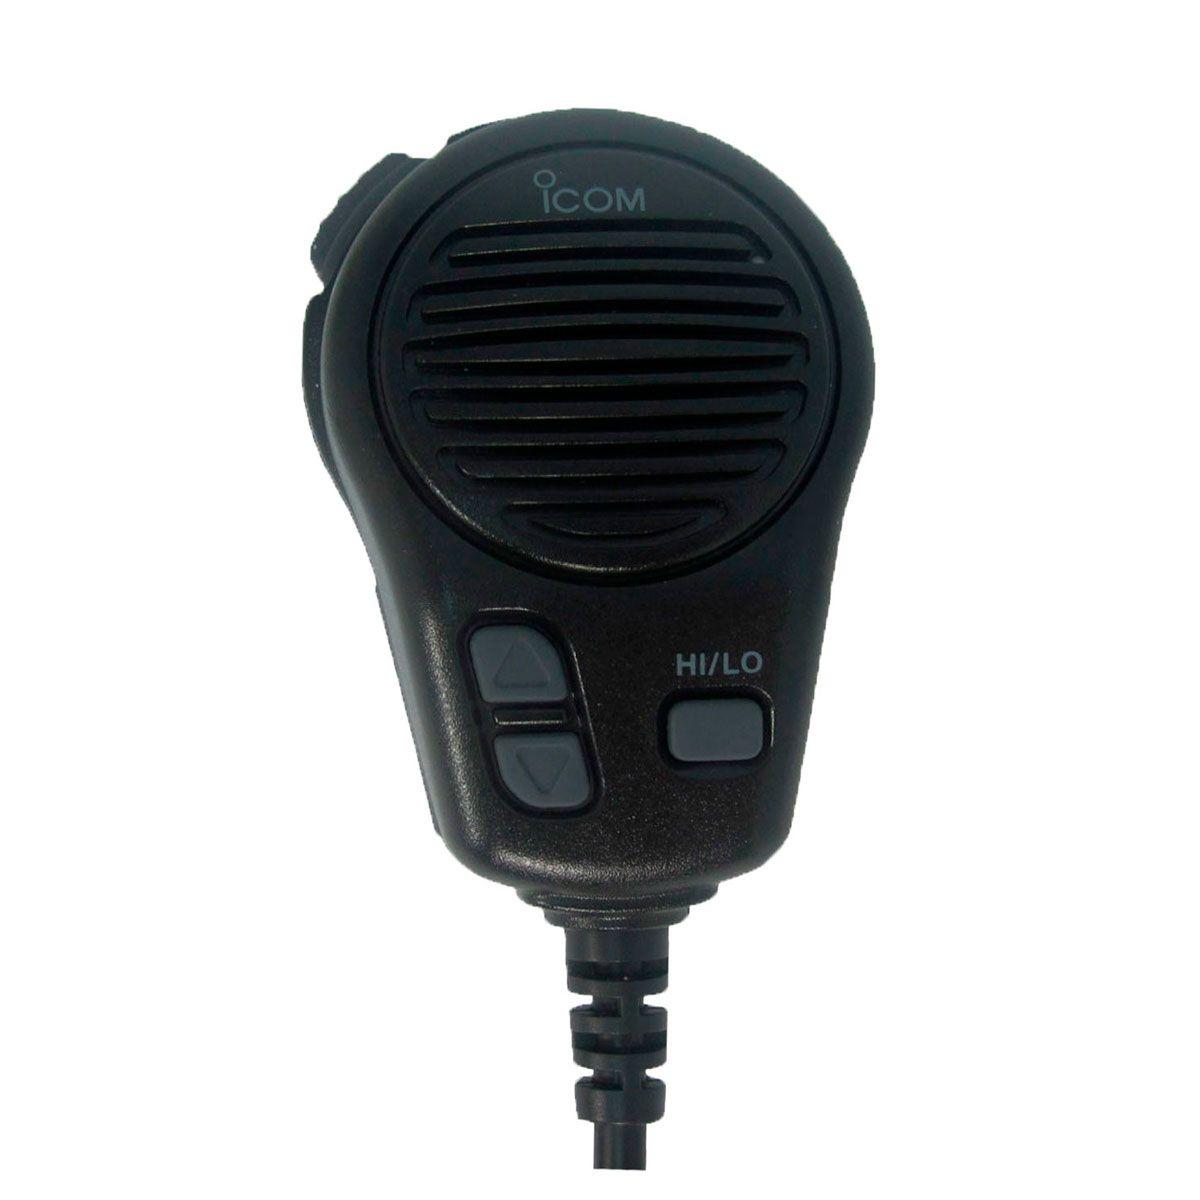 Micrófono Icom para radio móvil HM-164